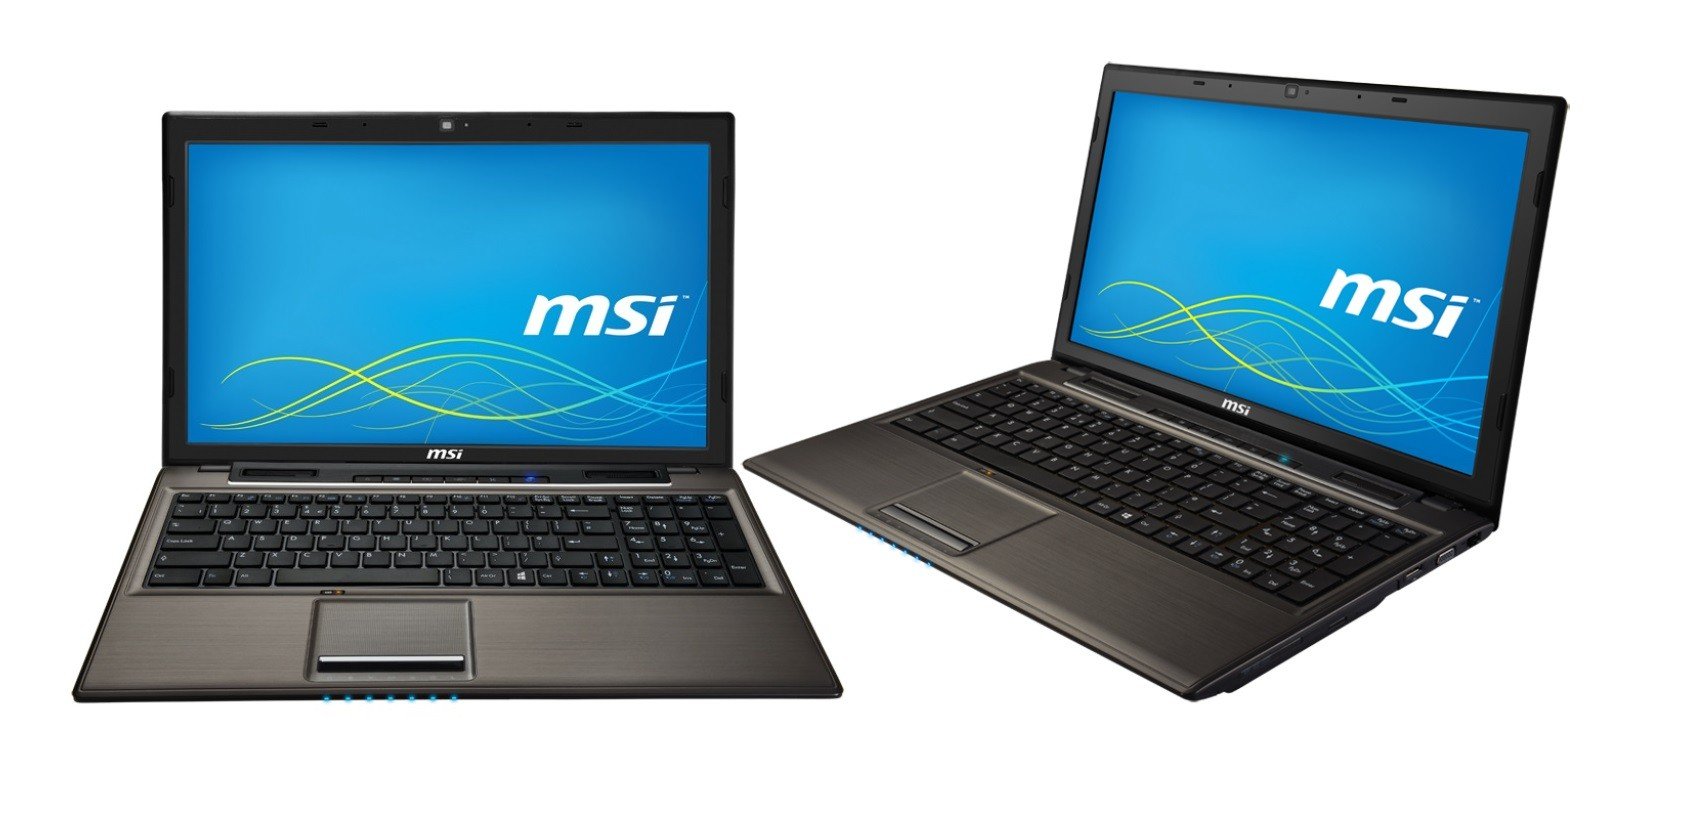 MSI CX61 2QC Intel Bluetooth Drivers Download